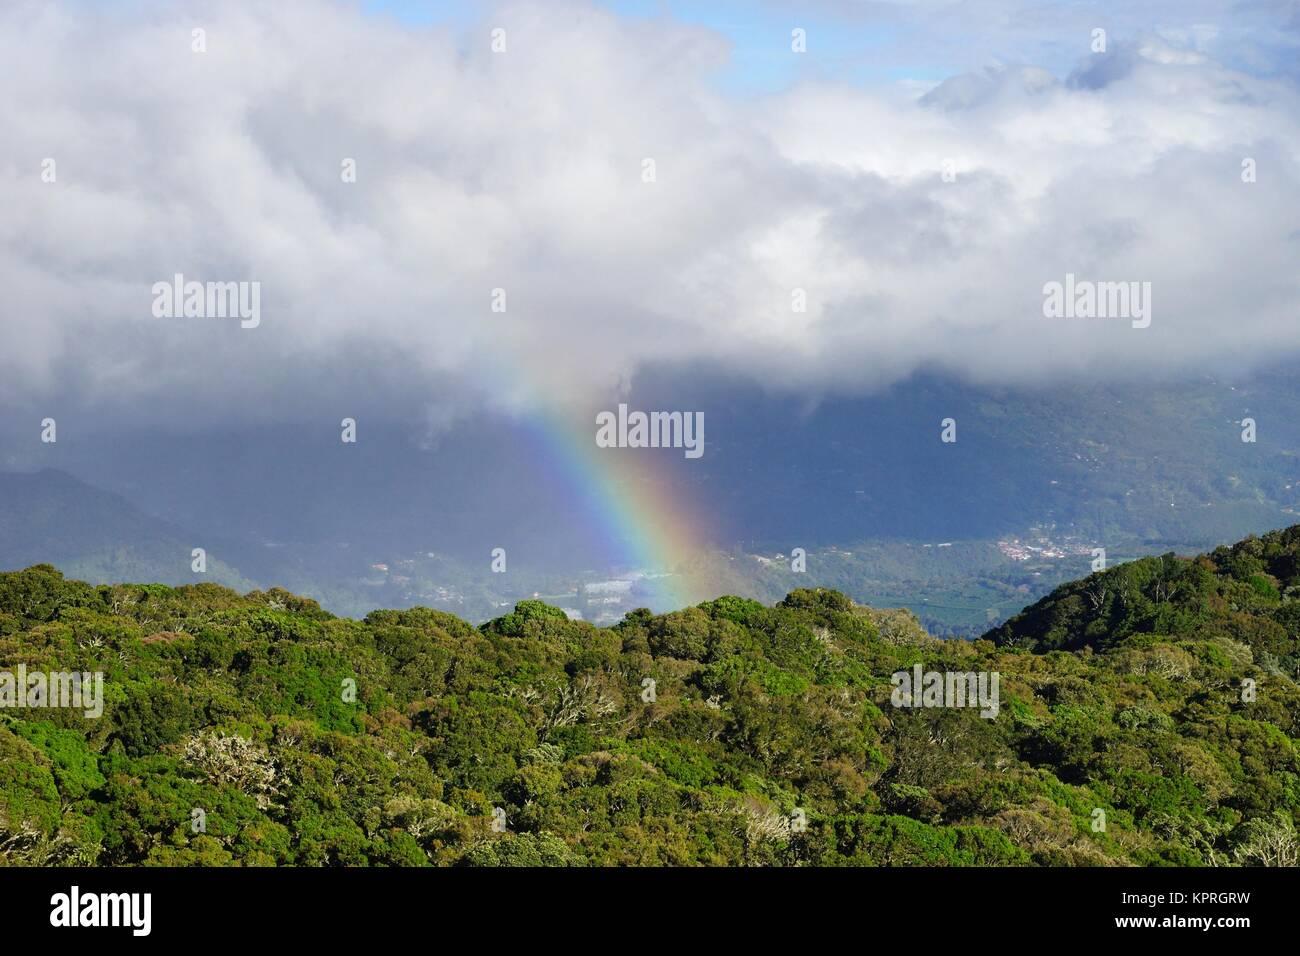 Un arcobaleno oltre il cloud più scuro dello sfondo verde con alberi da sole in primo piano. Immagini Stock